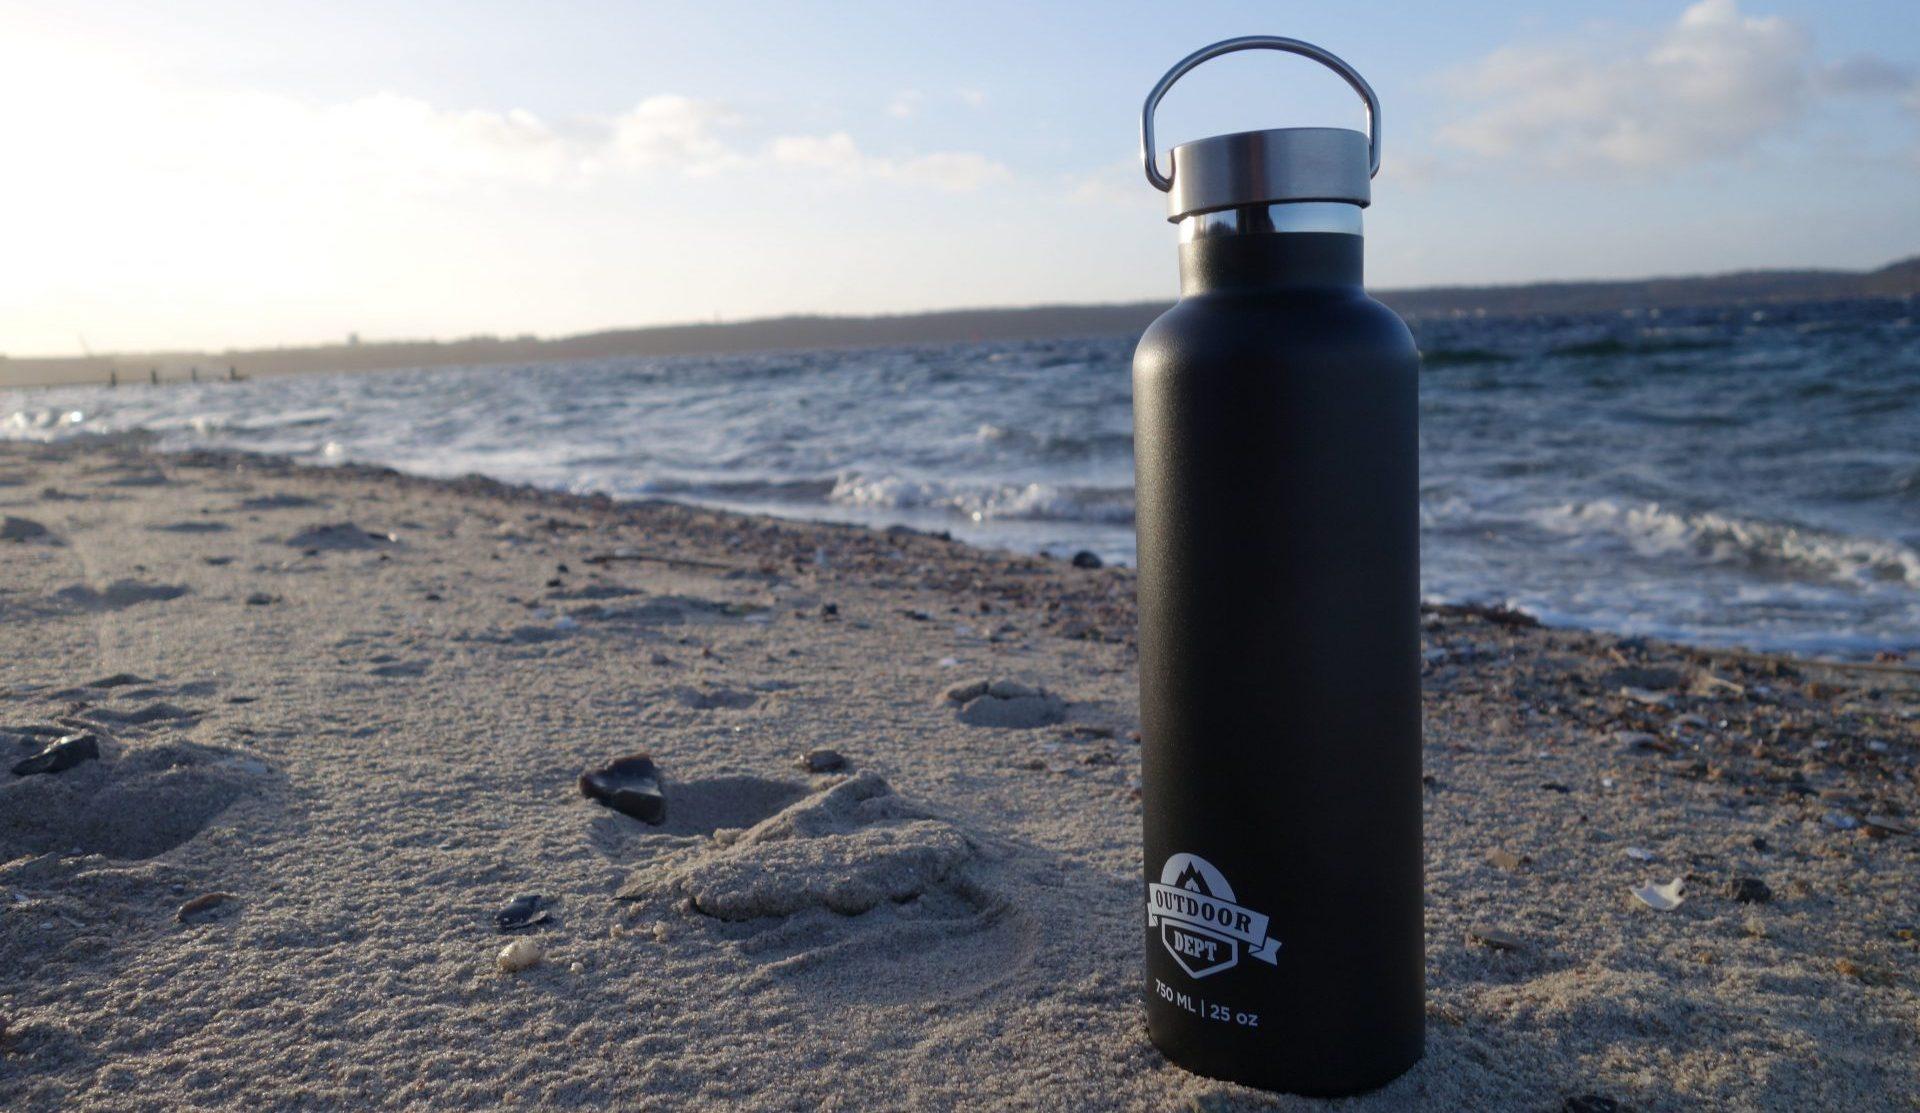 Outdoor DEPT Isolierflasche in der Sonne